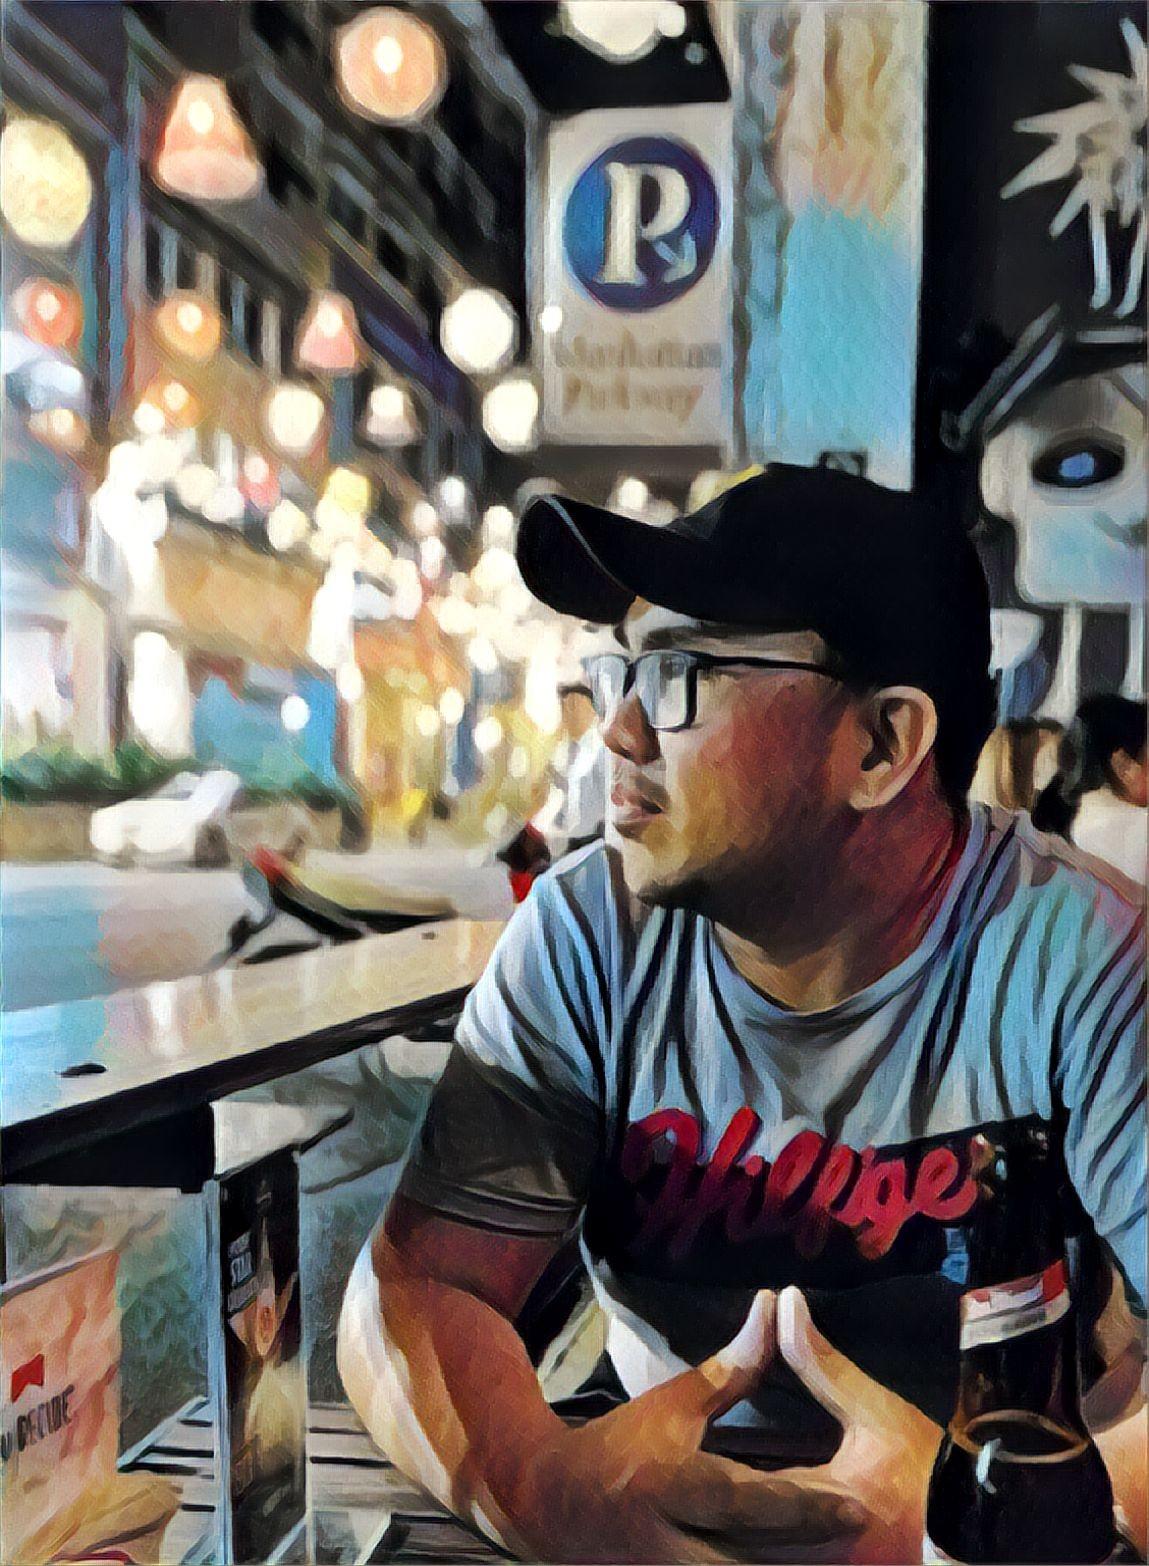 Ryan-Melarin-Profile-Image-01